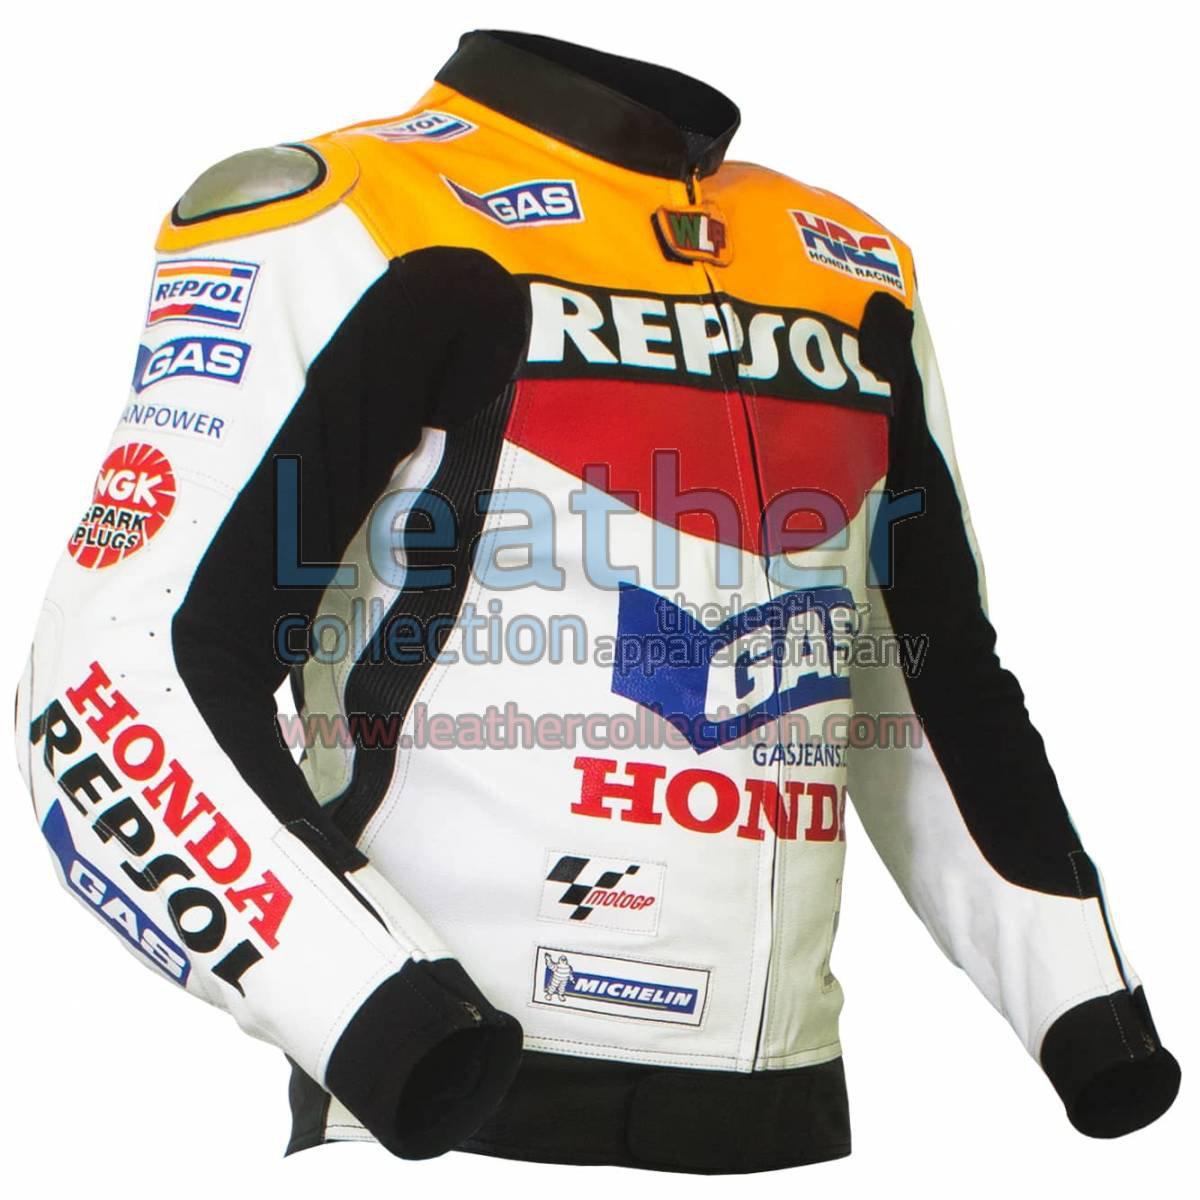 Valentino Rossi Repsol Honda MotoGP 2003 Leather Jacket